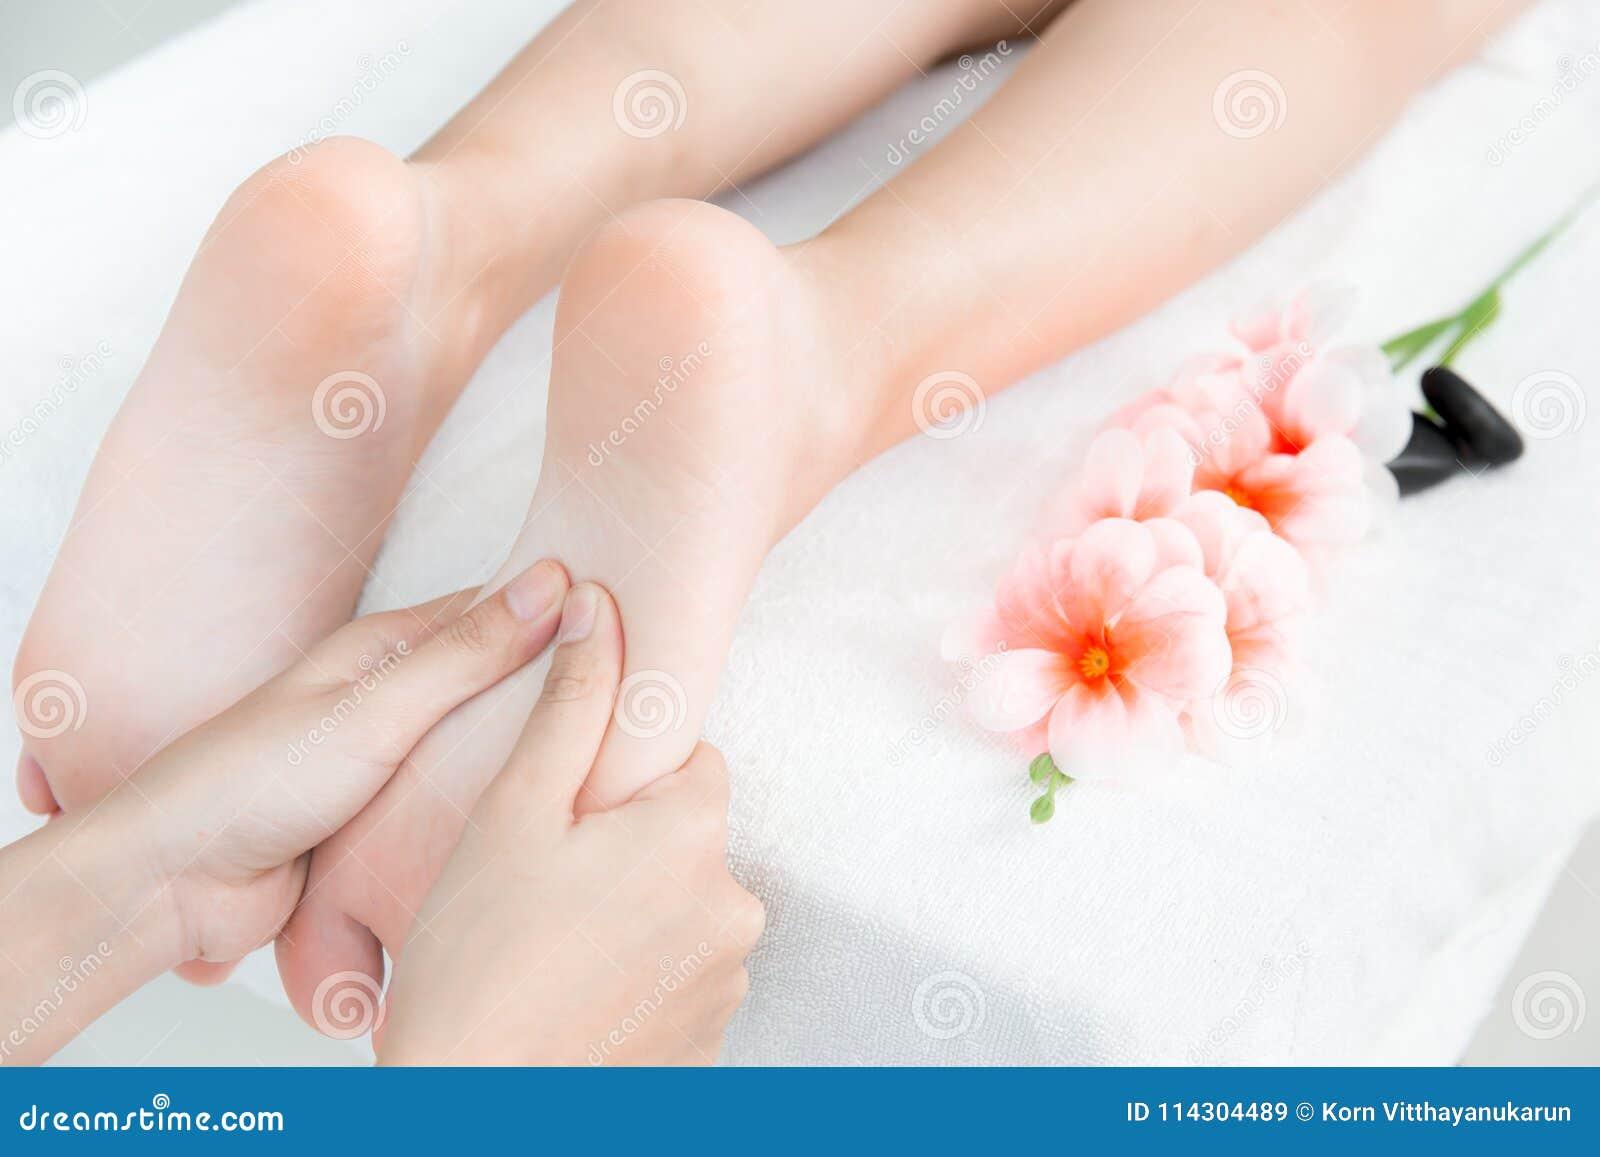 Übergeben Sie Presse am Fuß-Massage- und Badekurortkonzept